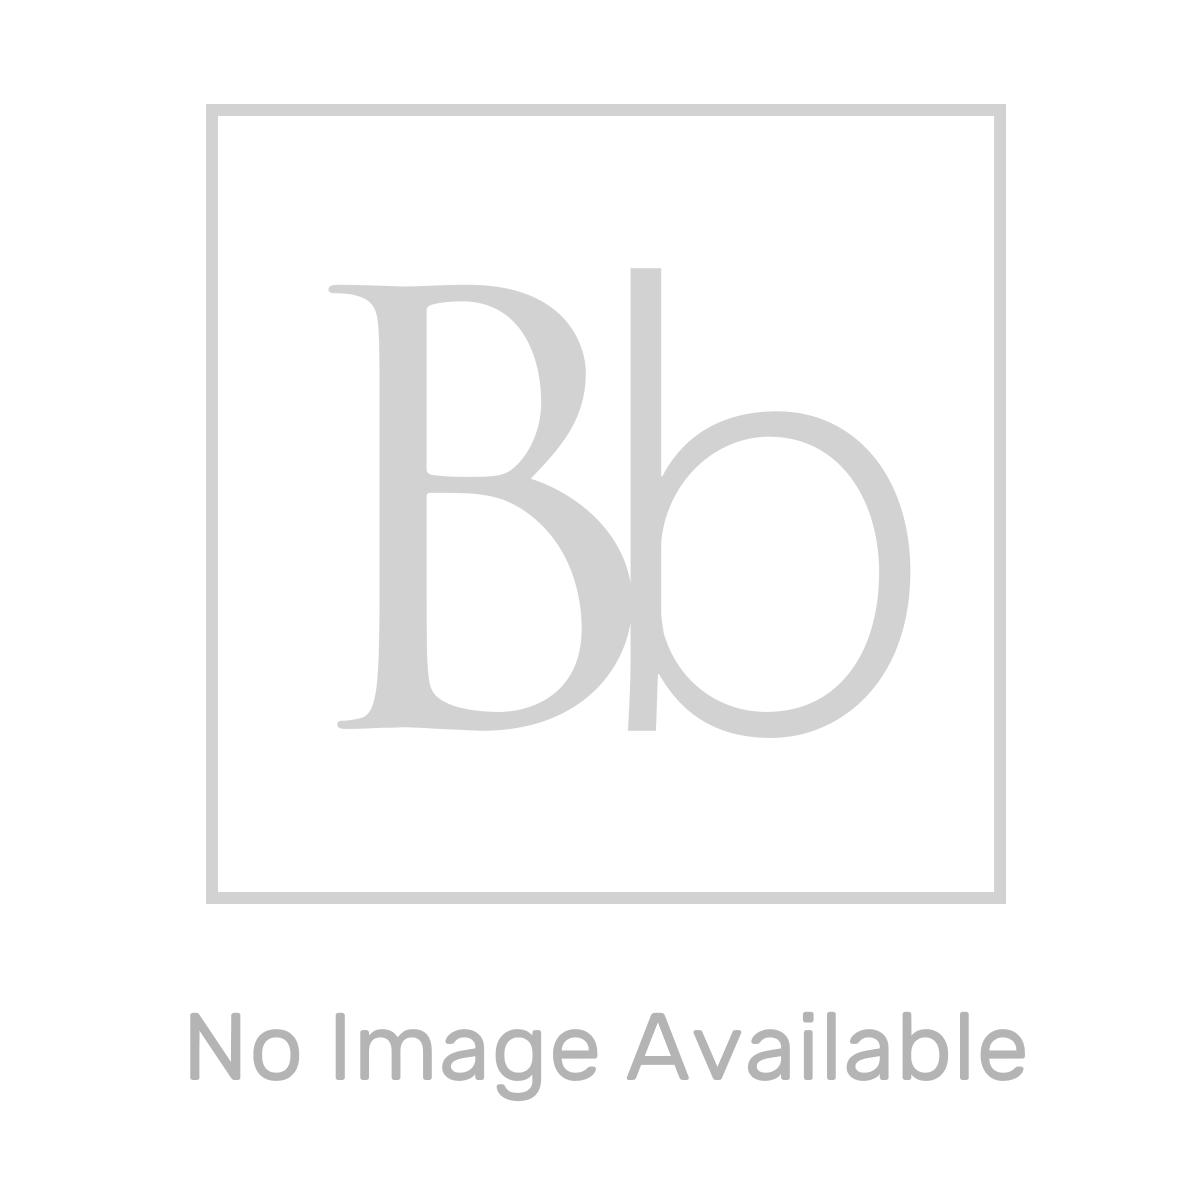 Ultra Colosseum High Gloss Black Triple Column Designer Radiator 381mm